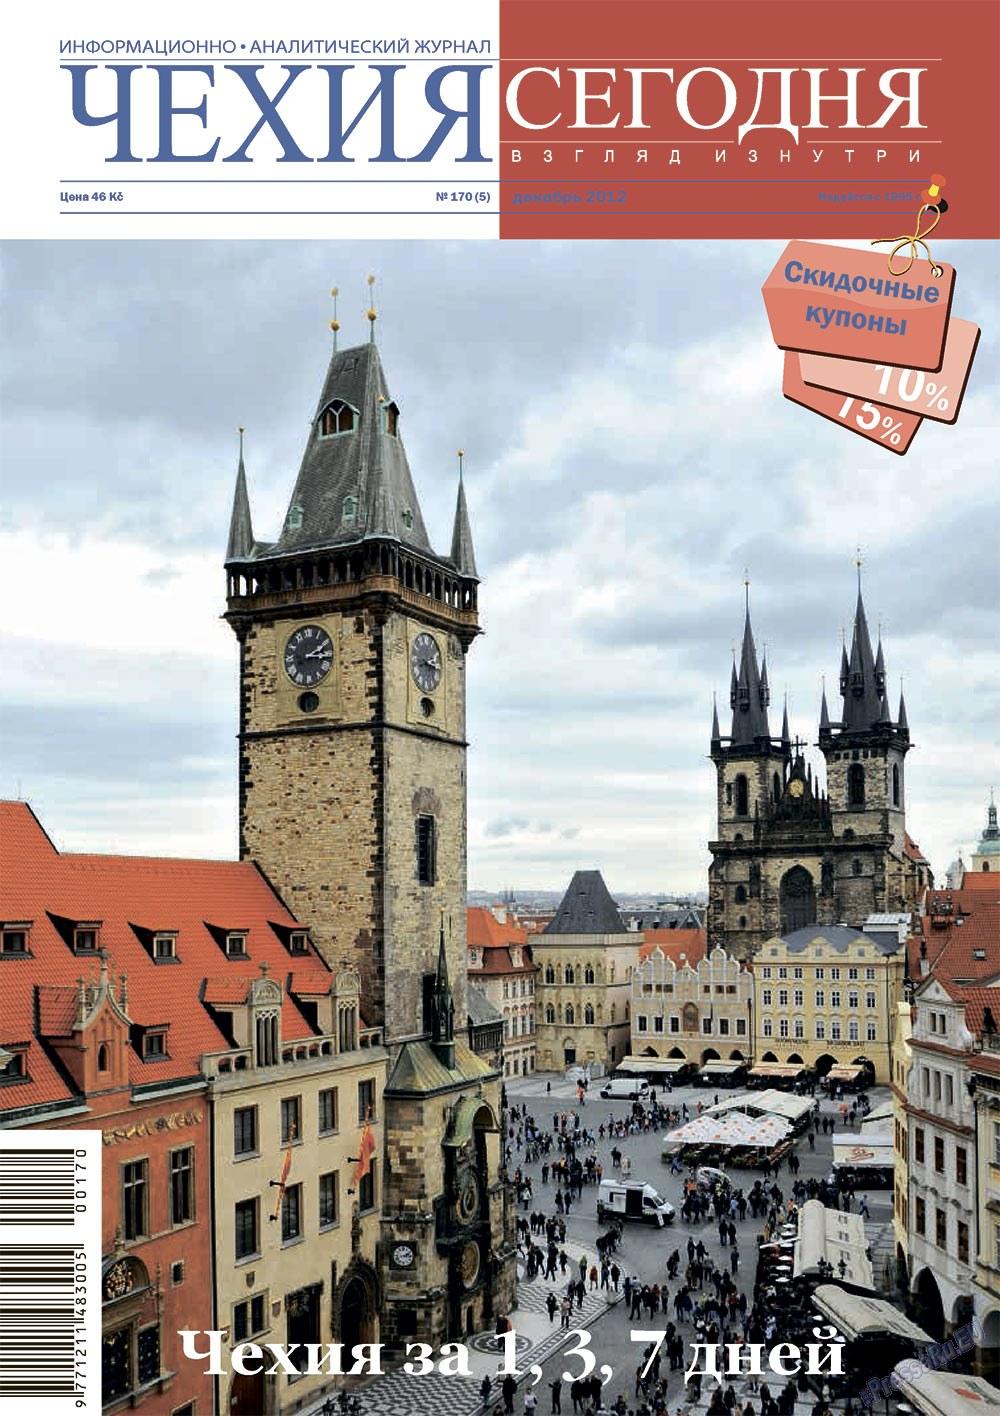 Чехия сегодня (журнал). 2012 год, номер 170, стр. 1